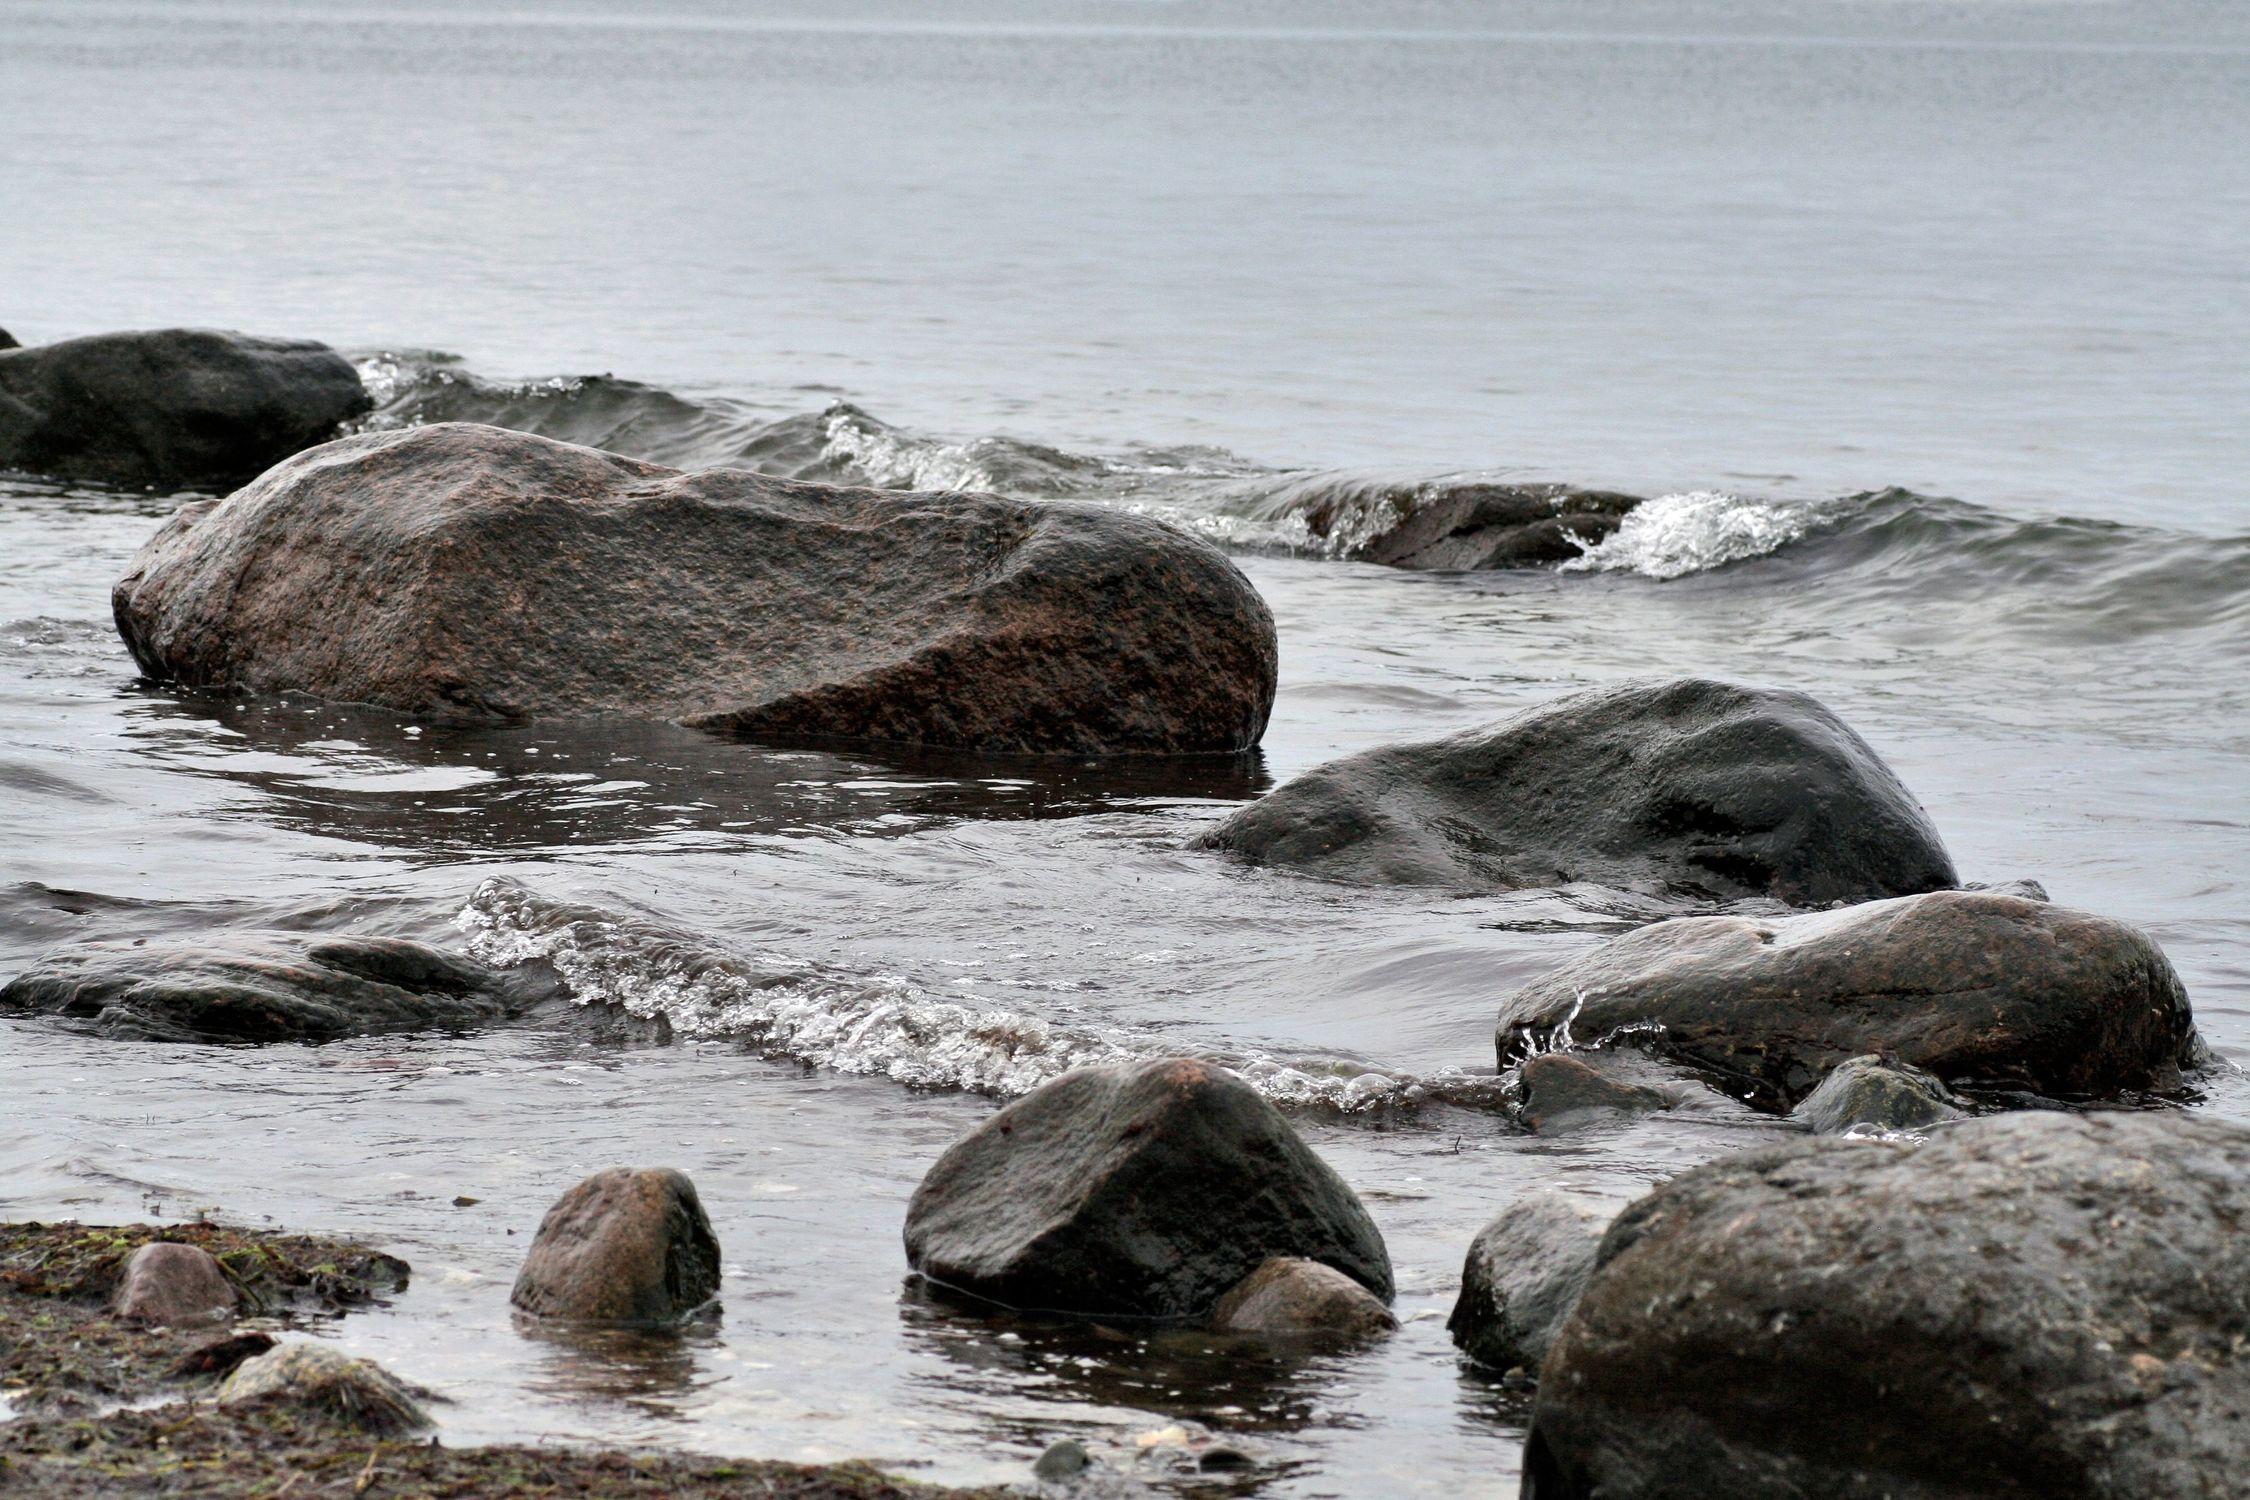 Bild mit Natur, Elemente, Wasser, Landschaften, Gewässer, Küsten und Ufer, Flüsse, Felsen, Meere, Brandung, Wellen